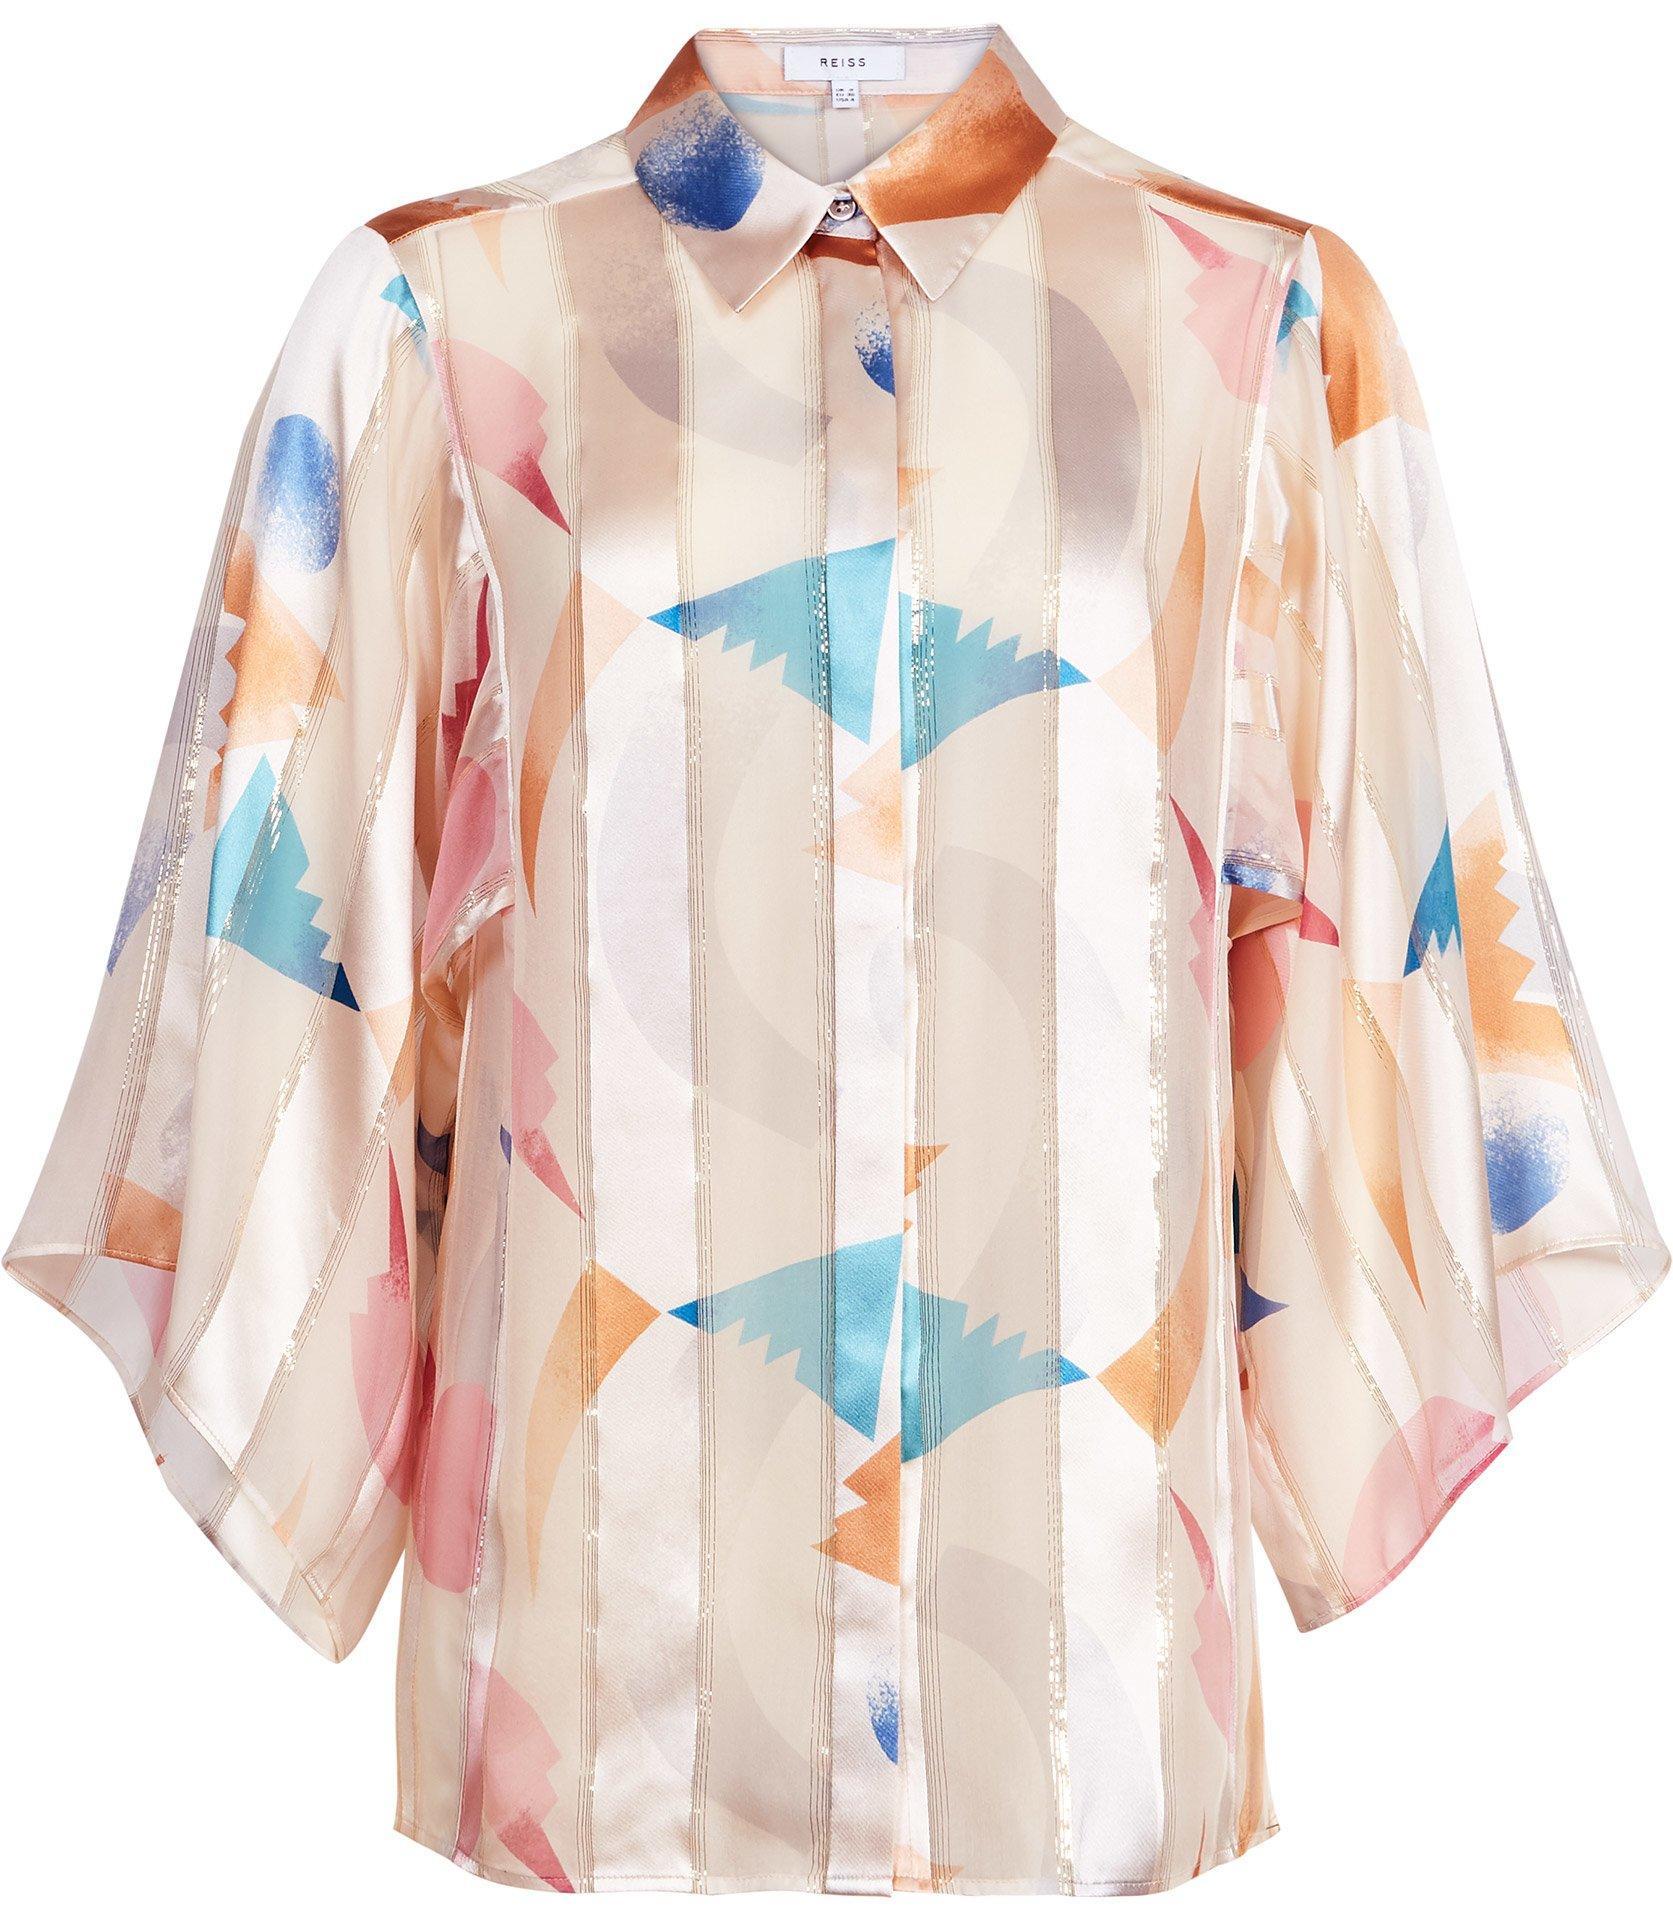 5229c1ef9b1ee Reiss Semina - Silk Wide Sleeved Blouse - Save 62% - Lyst